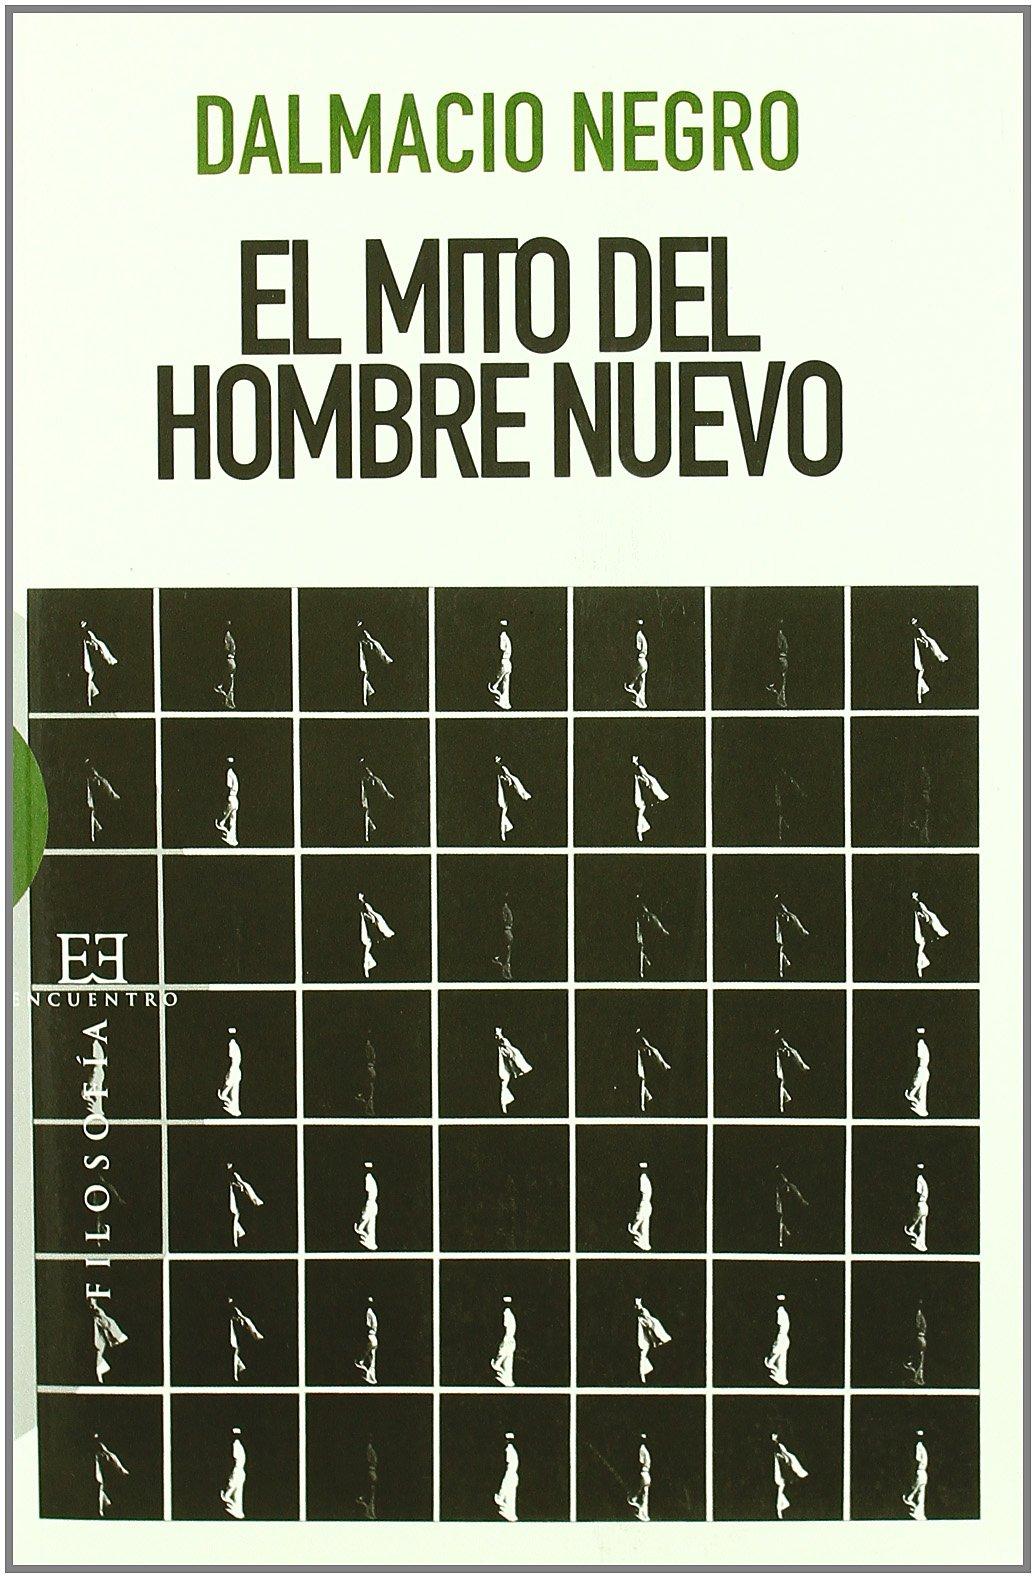 El mito del hombre nuevo (Ensayo) Tapa blanda – 19 feb 2009 Dalmacio Negro Pavón Ediciones Encuentro S.A. 8474909619